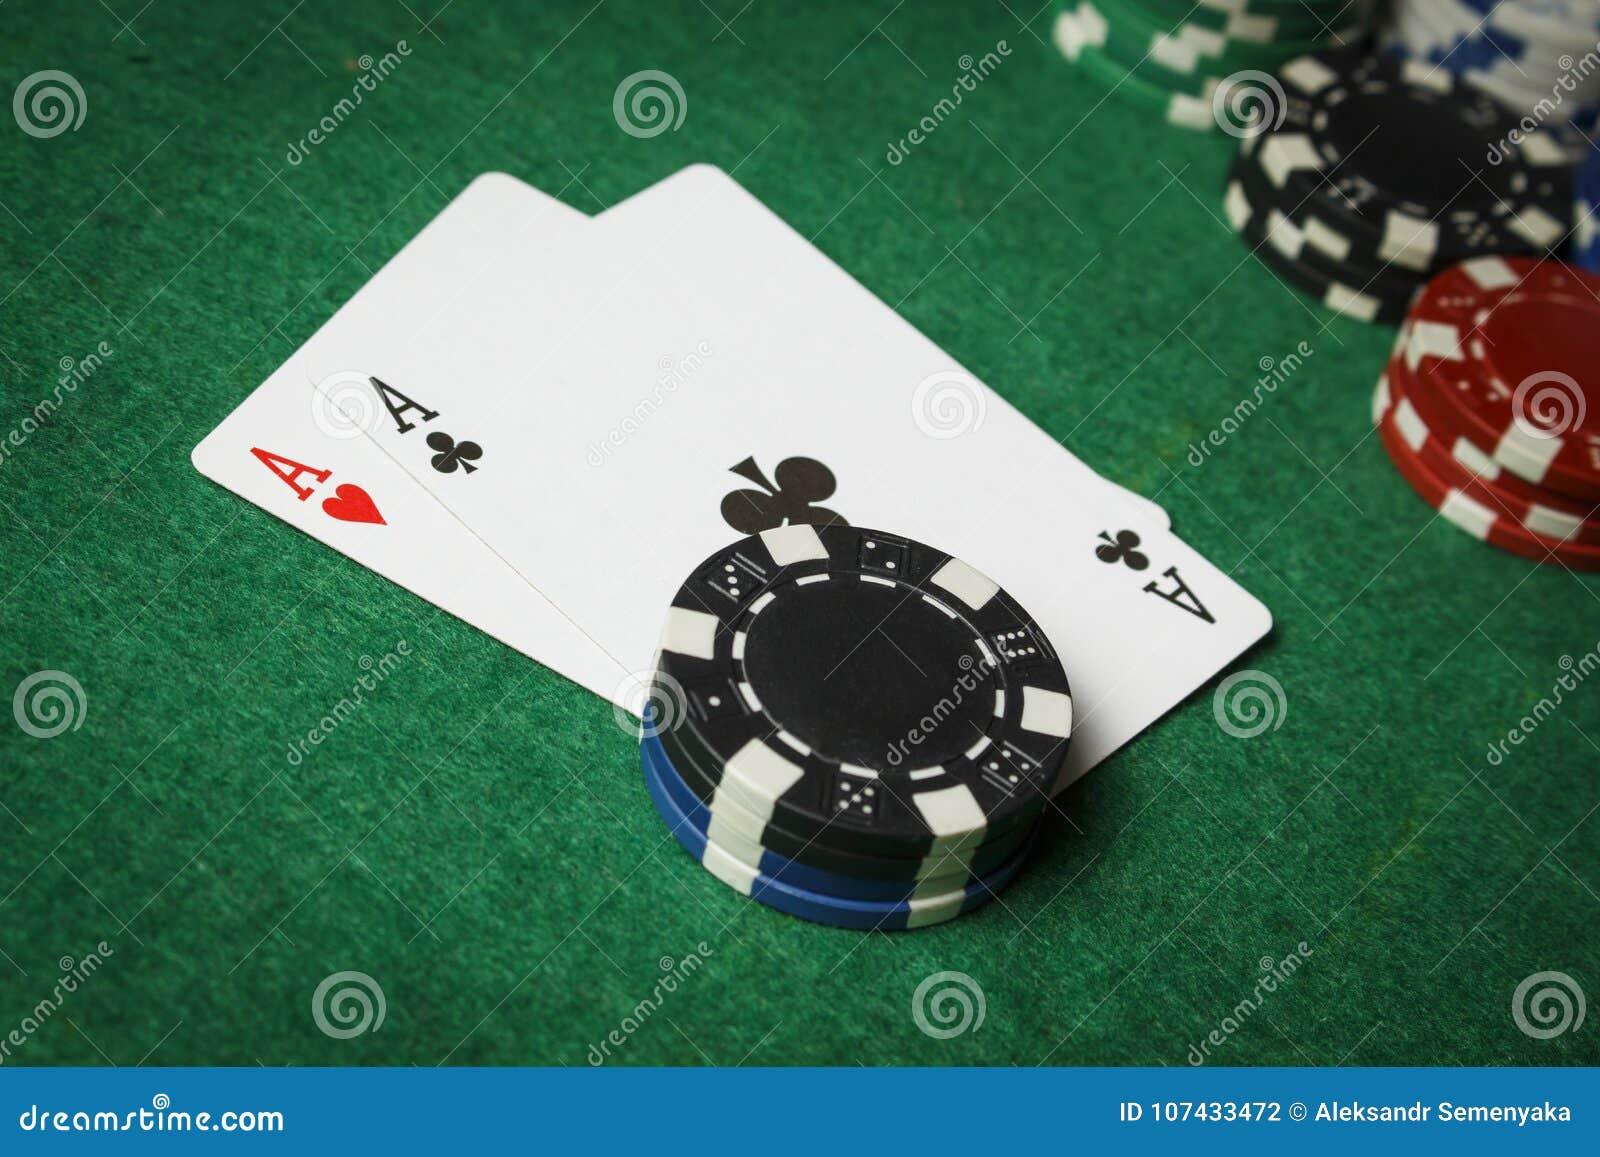 Ein Paar Asse mit einem Stapel von Pokerchips